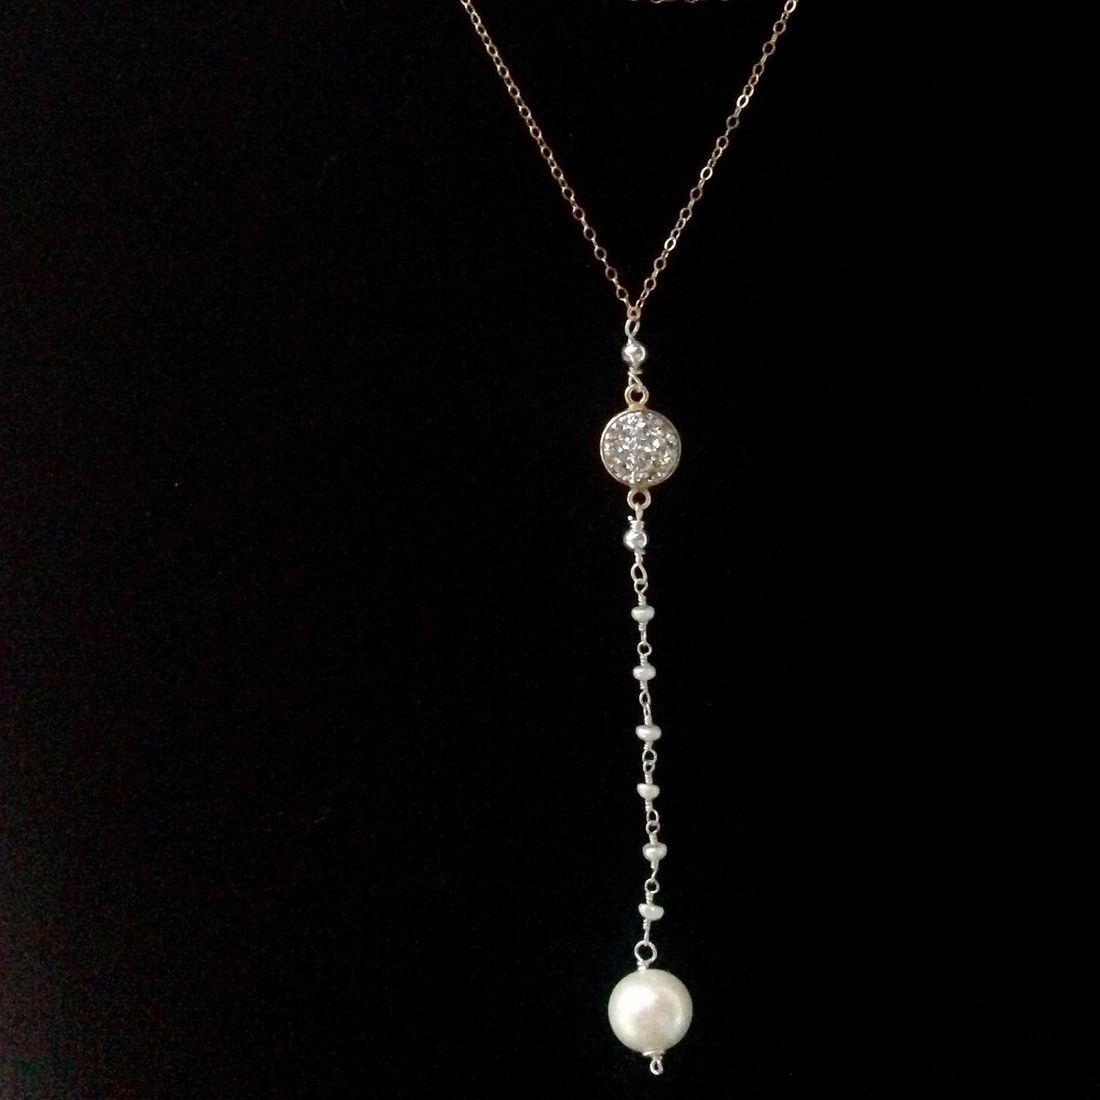 14k gold filled Y necklaces